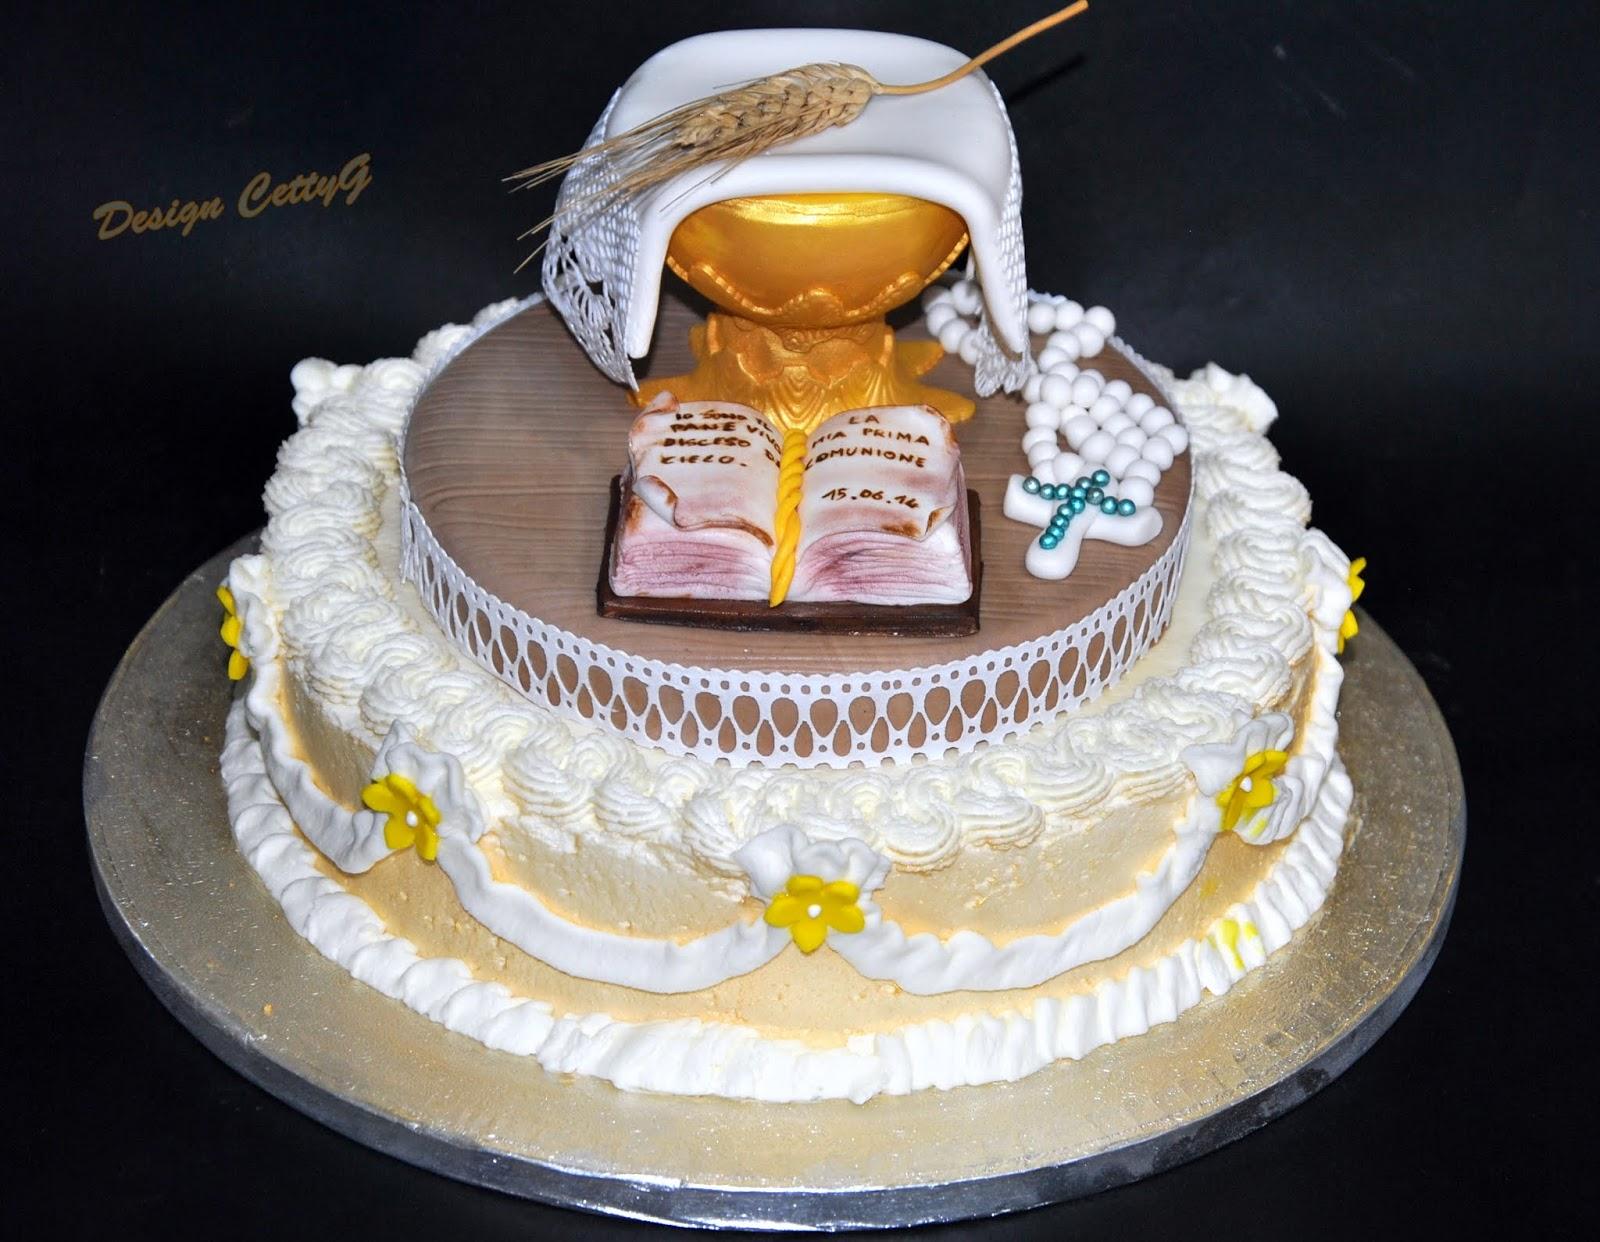 Le torte decorate di cettyg prima comunione for Decorazione torte prima comunione